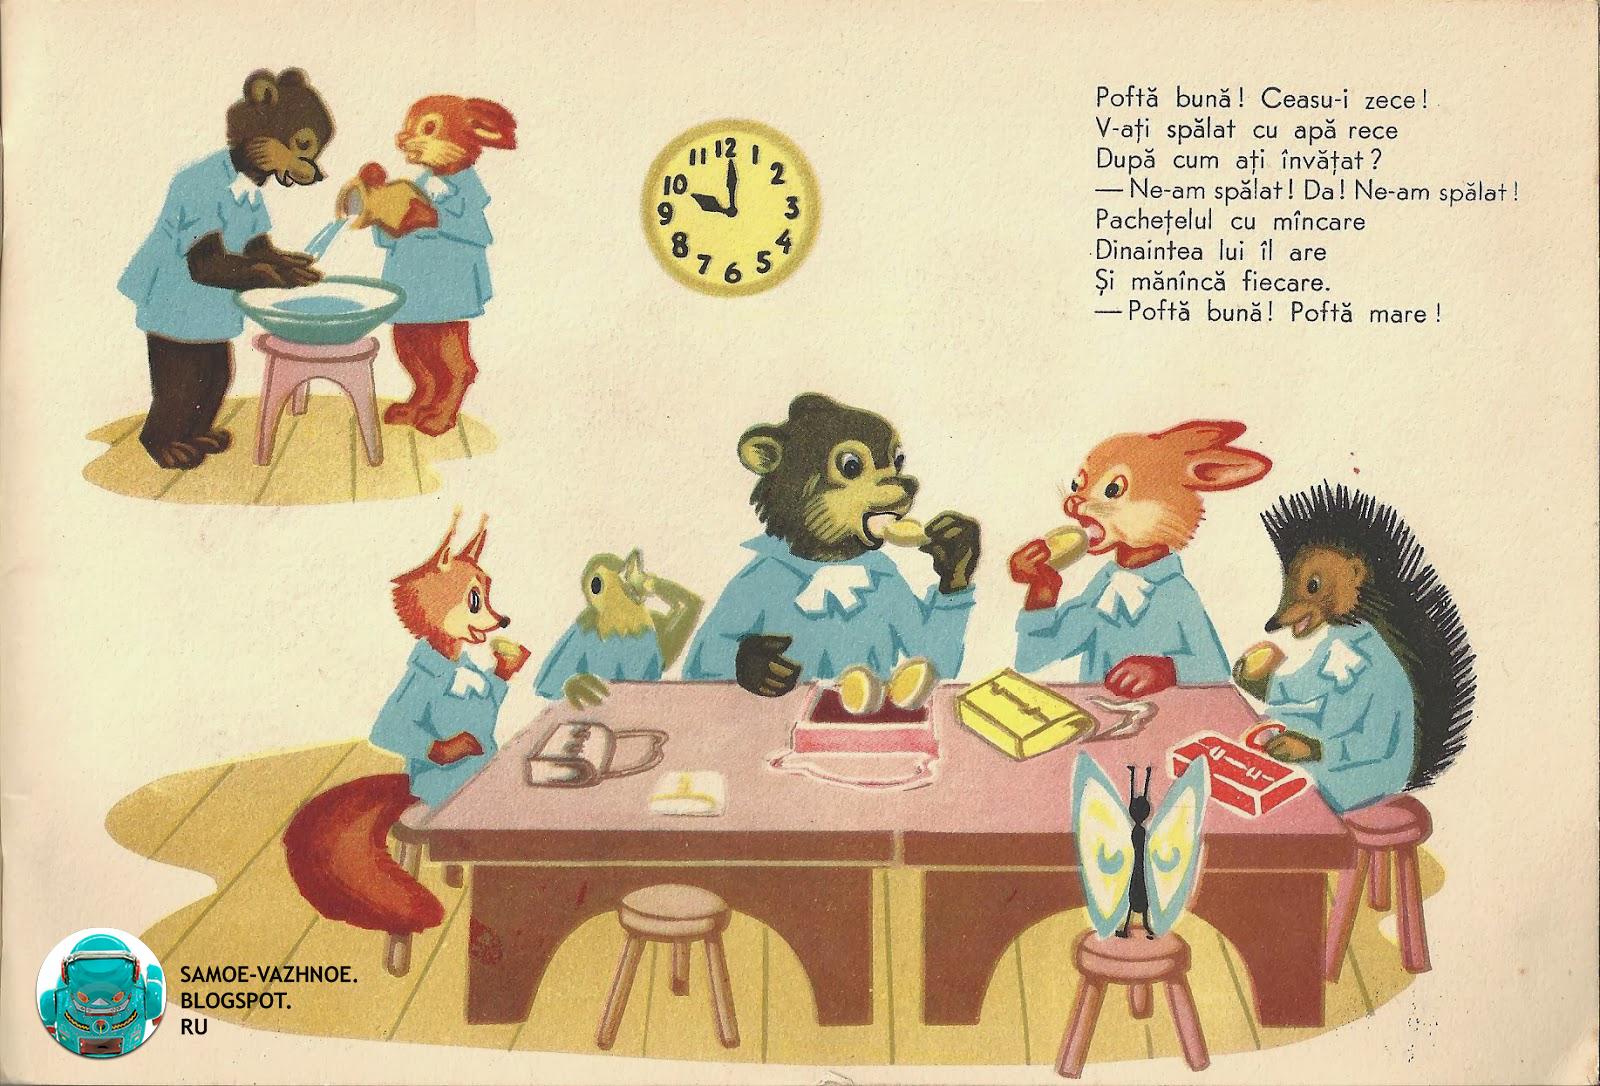 Советская книга школа для зверей, школа для животных, звериная школа СССР